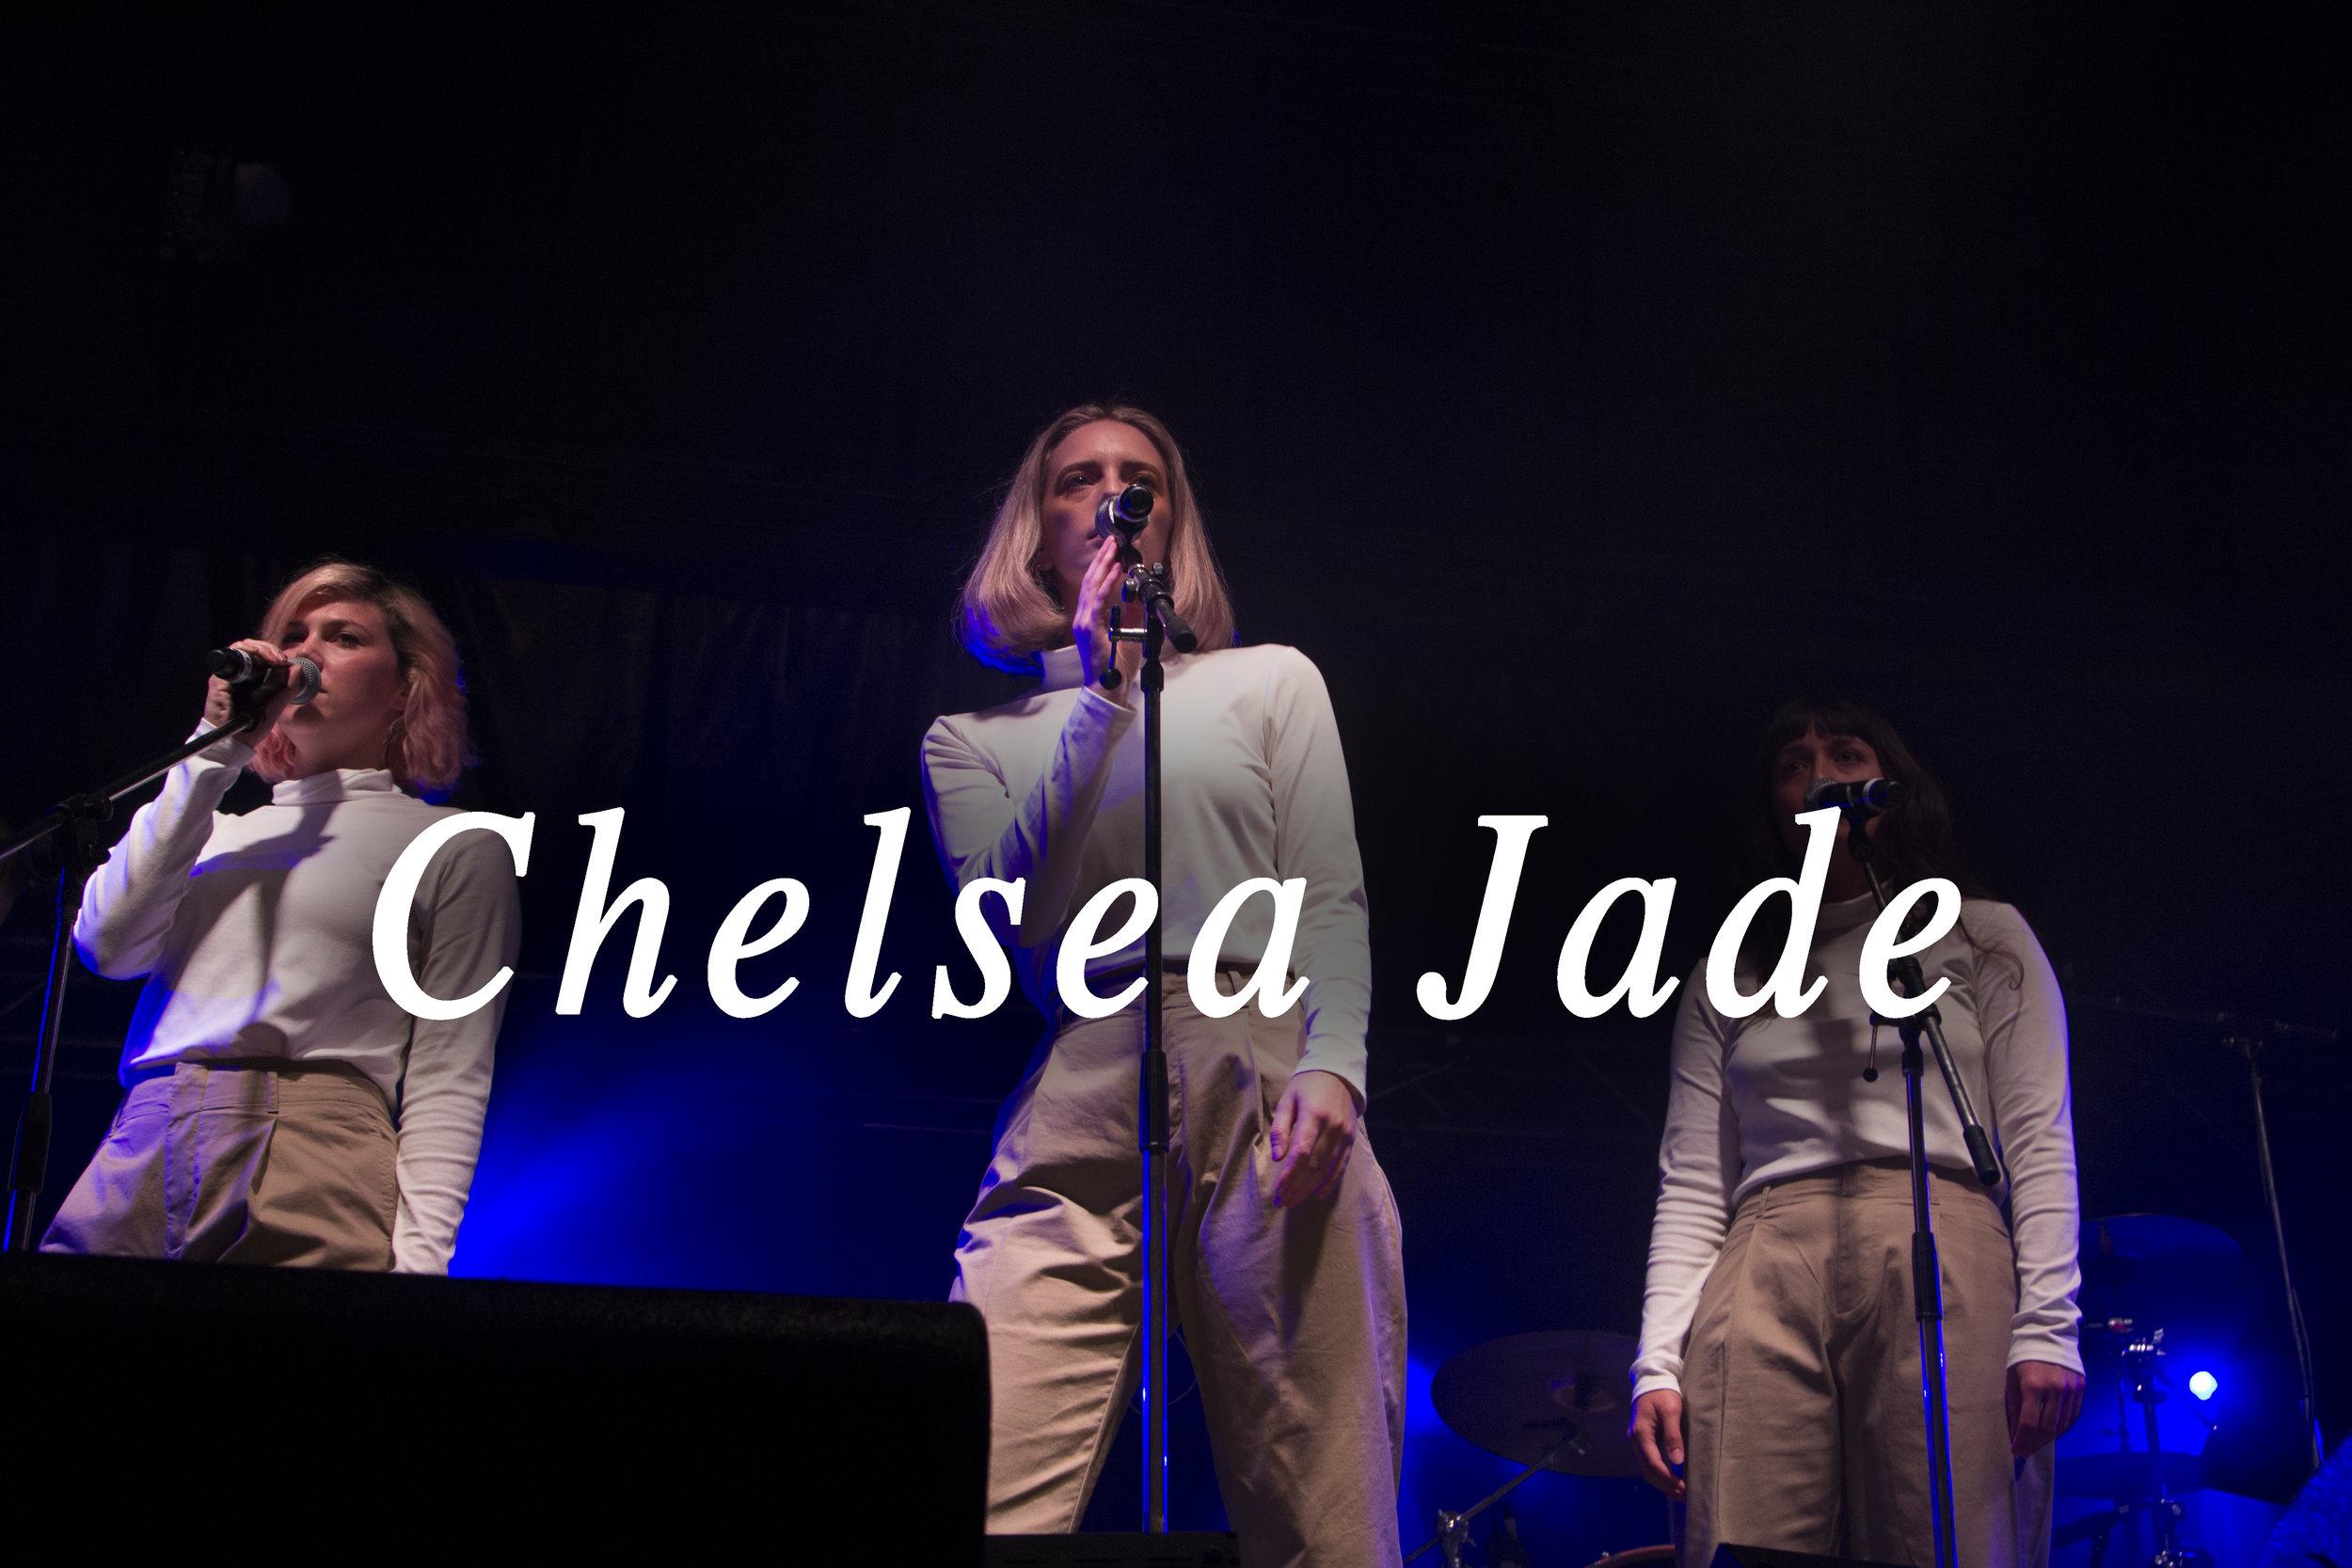 Chelsea_jade_title (4 of 9).jpg